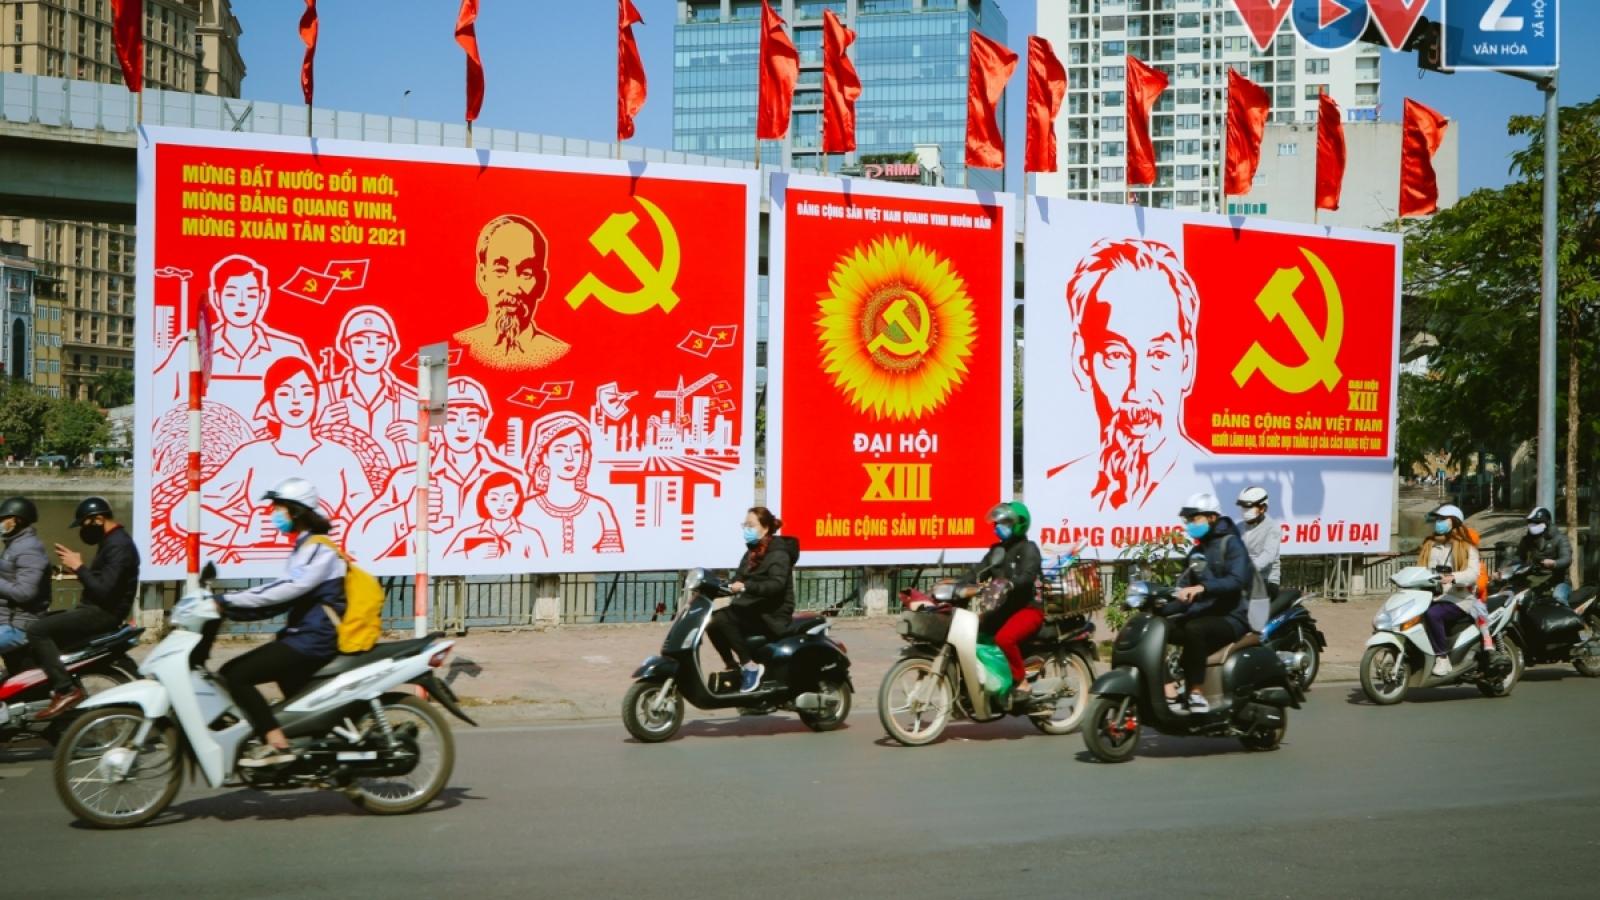 Đi lên CNXH là yêu cầu khách quan, là con đường tất yếu của cách mạng Việt Nam